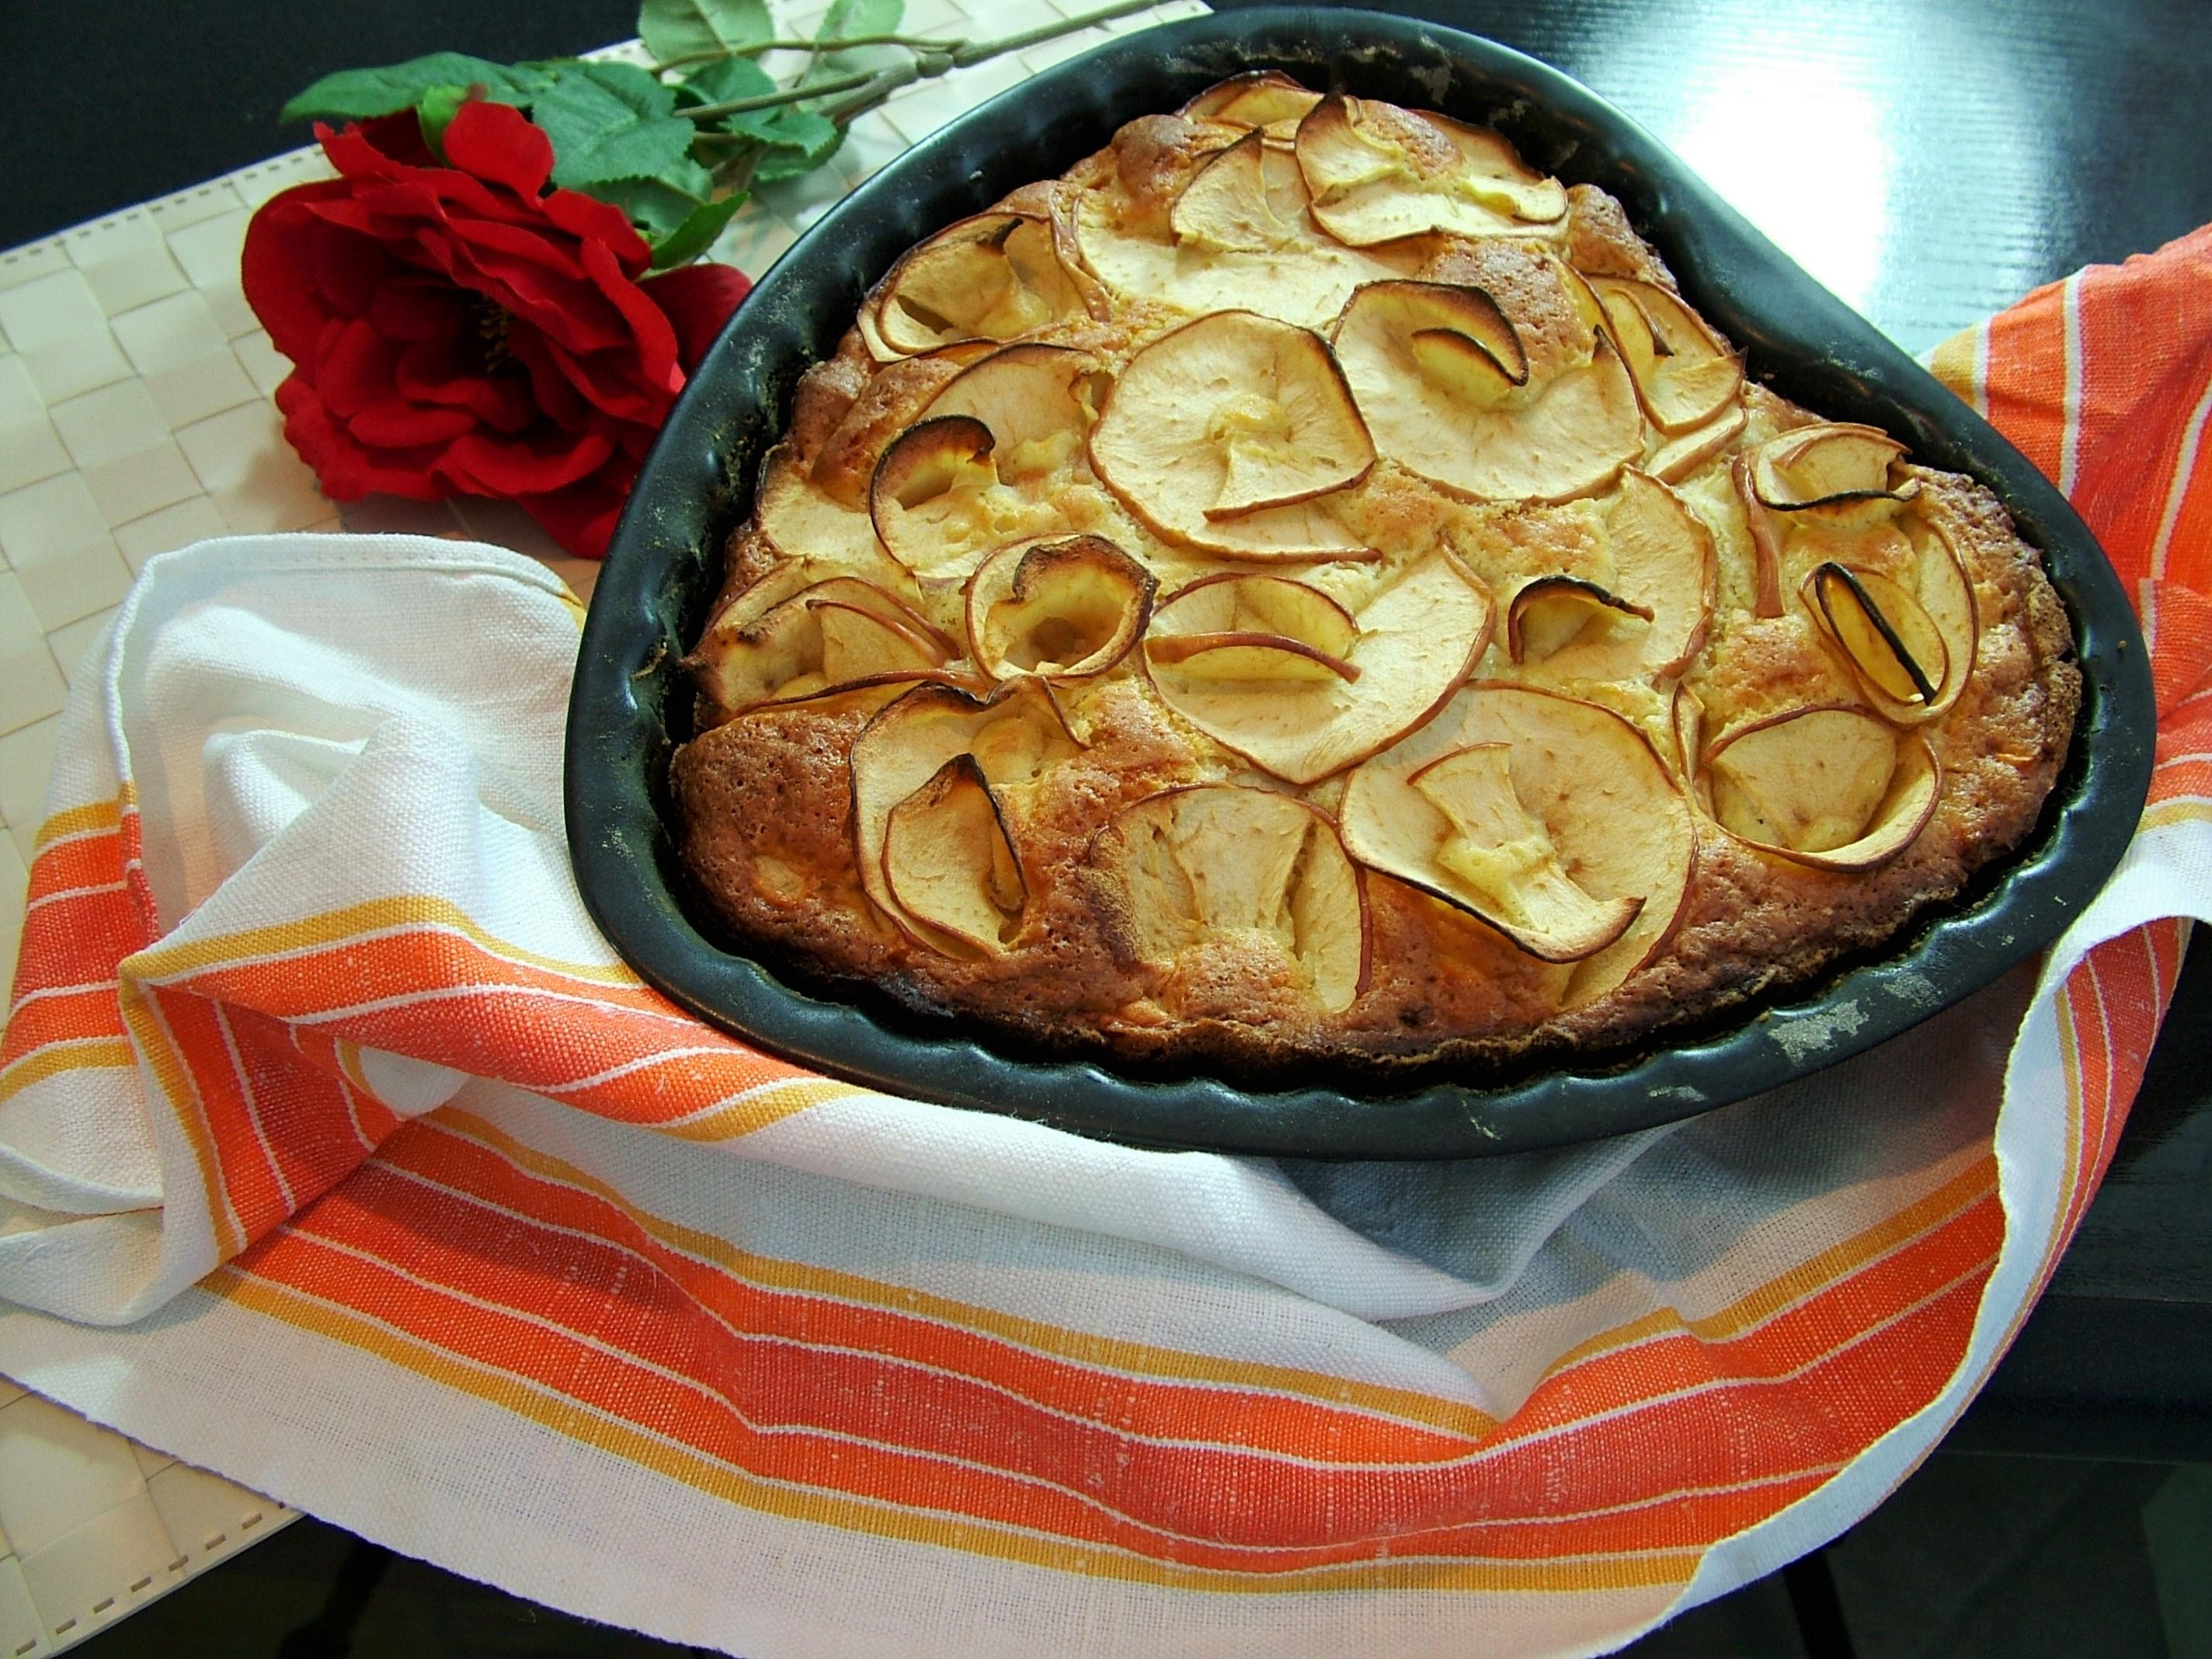 Torta cuore di mela ricetta tradizionale e al microonde - Forno tradizionale microonde ...